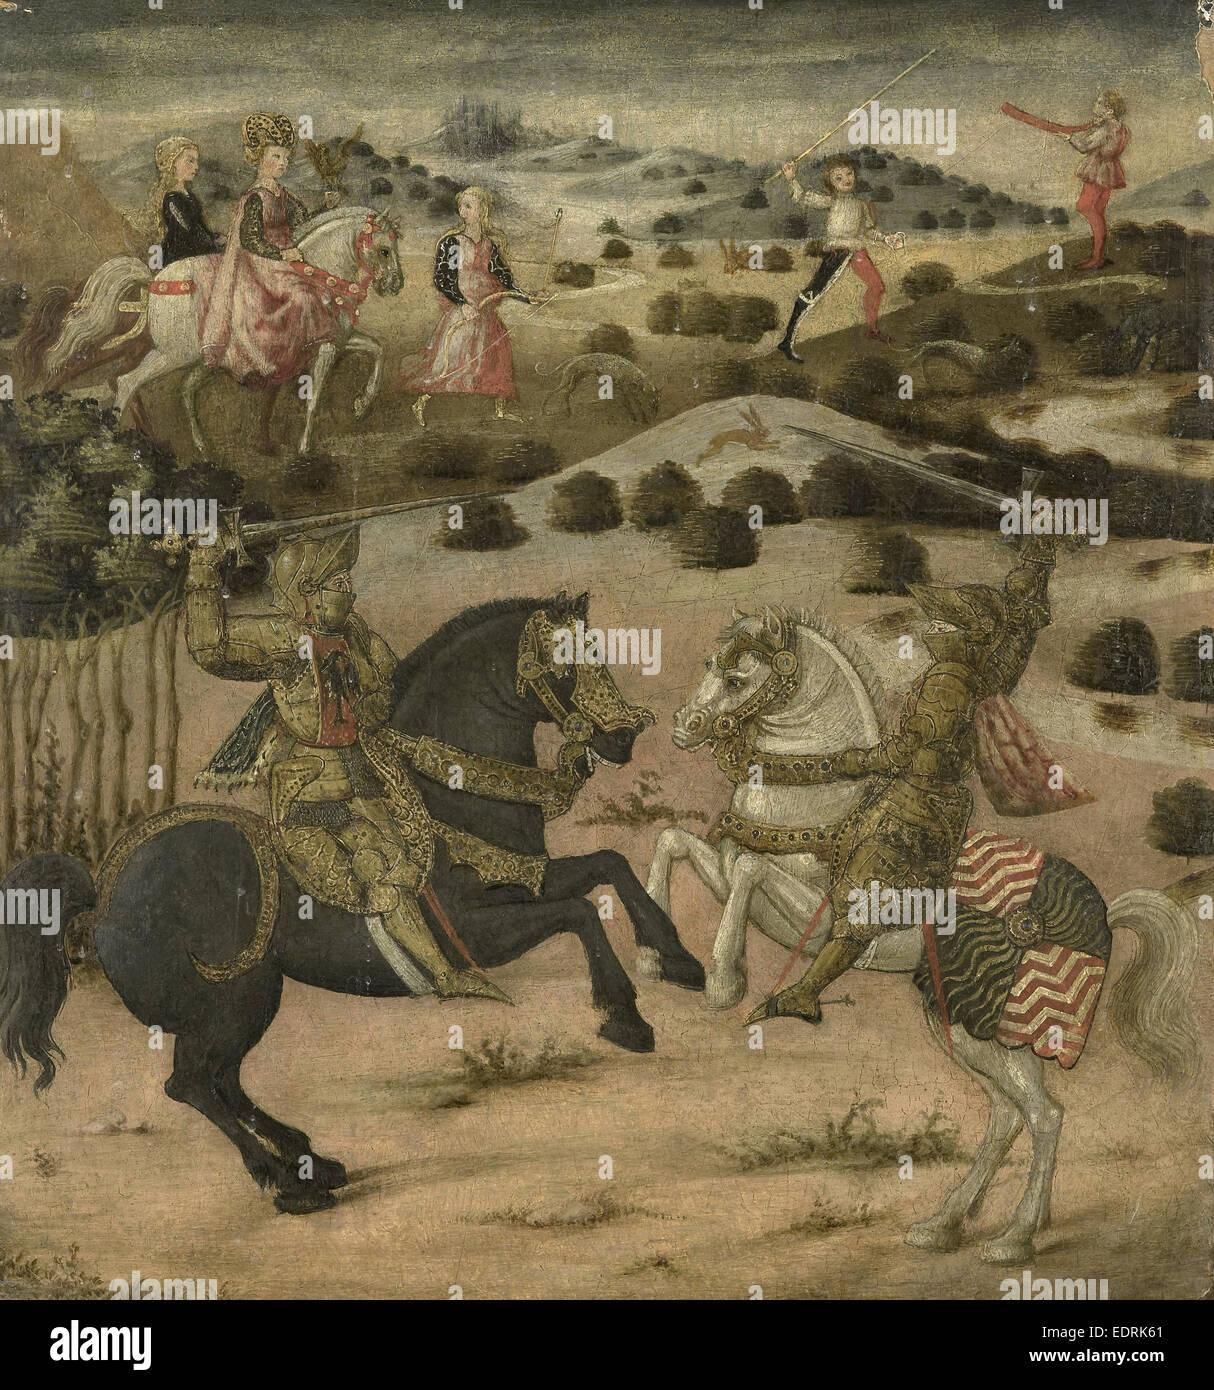 La leggenda di un cavaliere (pannello di estremità di un cassone), anonimo, 1450 - 1474 Immagini Stock